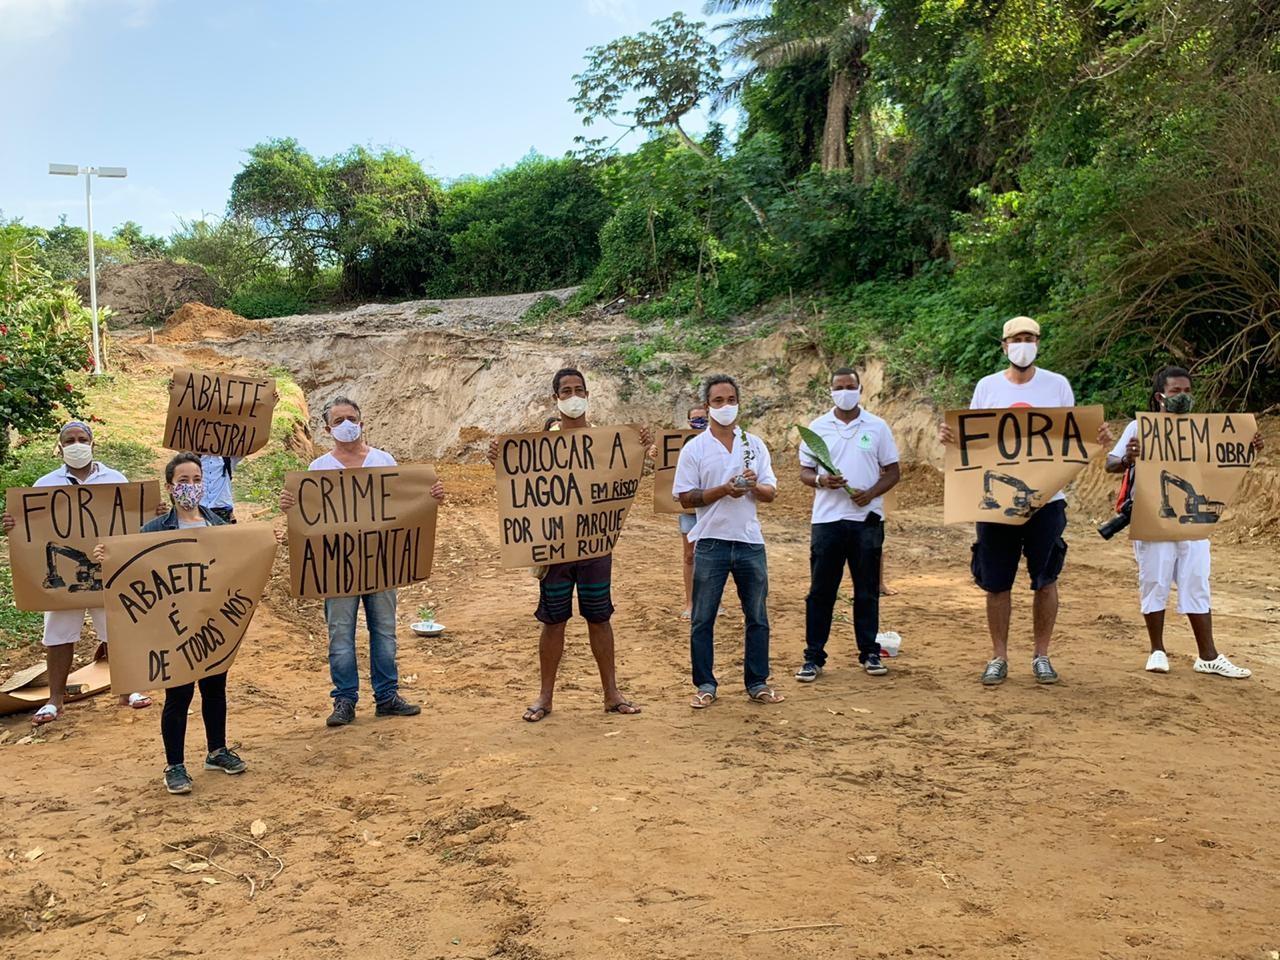 MP-BA cita 'preservação do ecossistema' e dá parecer favorável a obra de estação de esgoto na Lagoa do Abaeté em Salvador